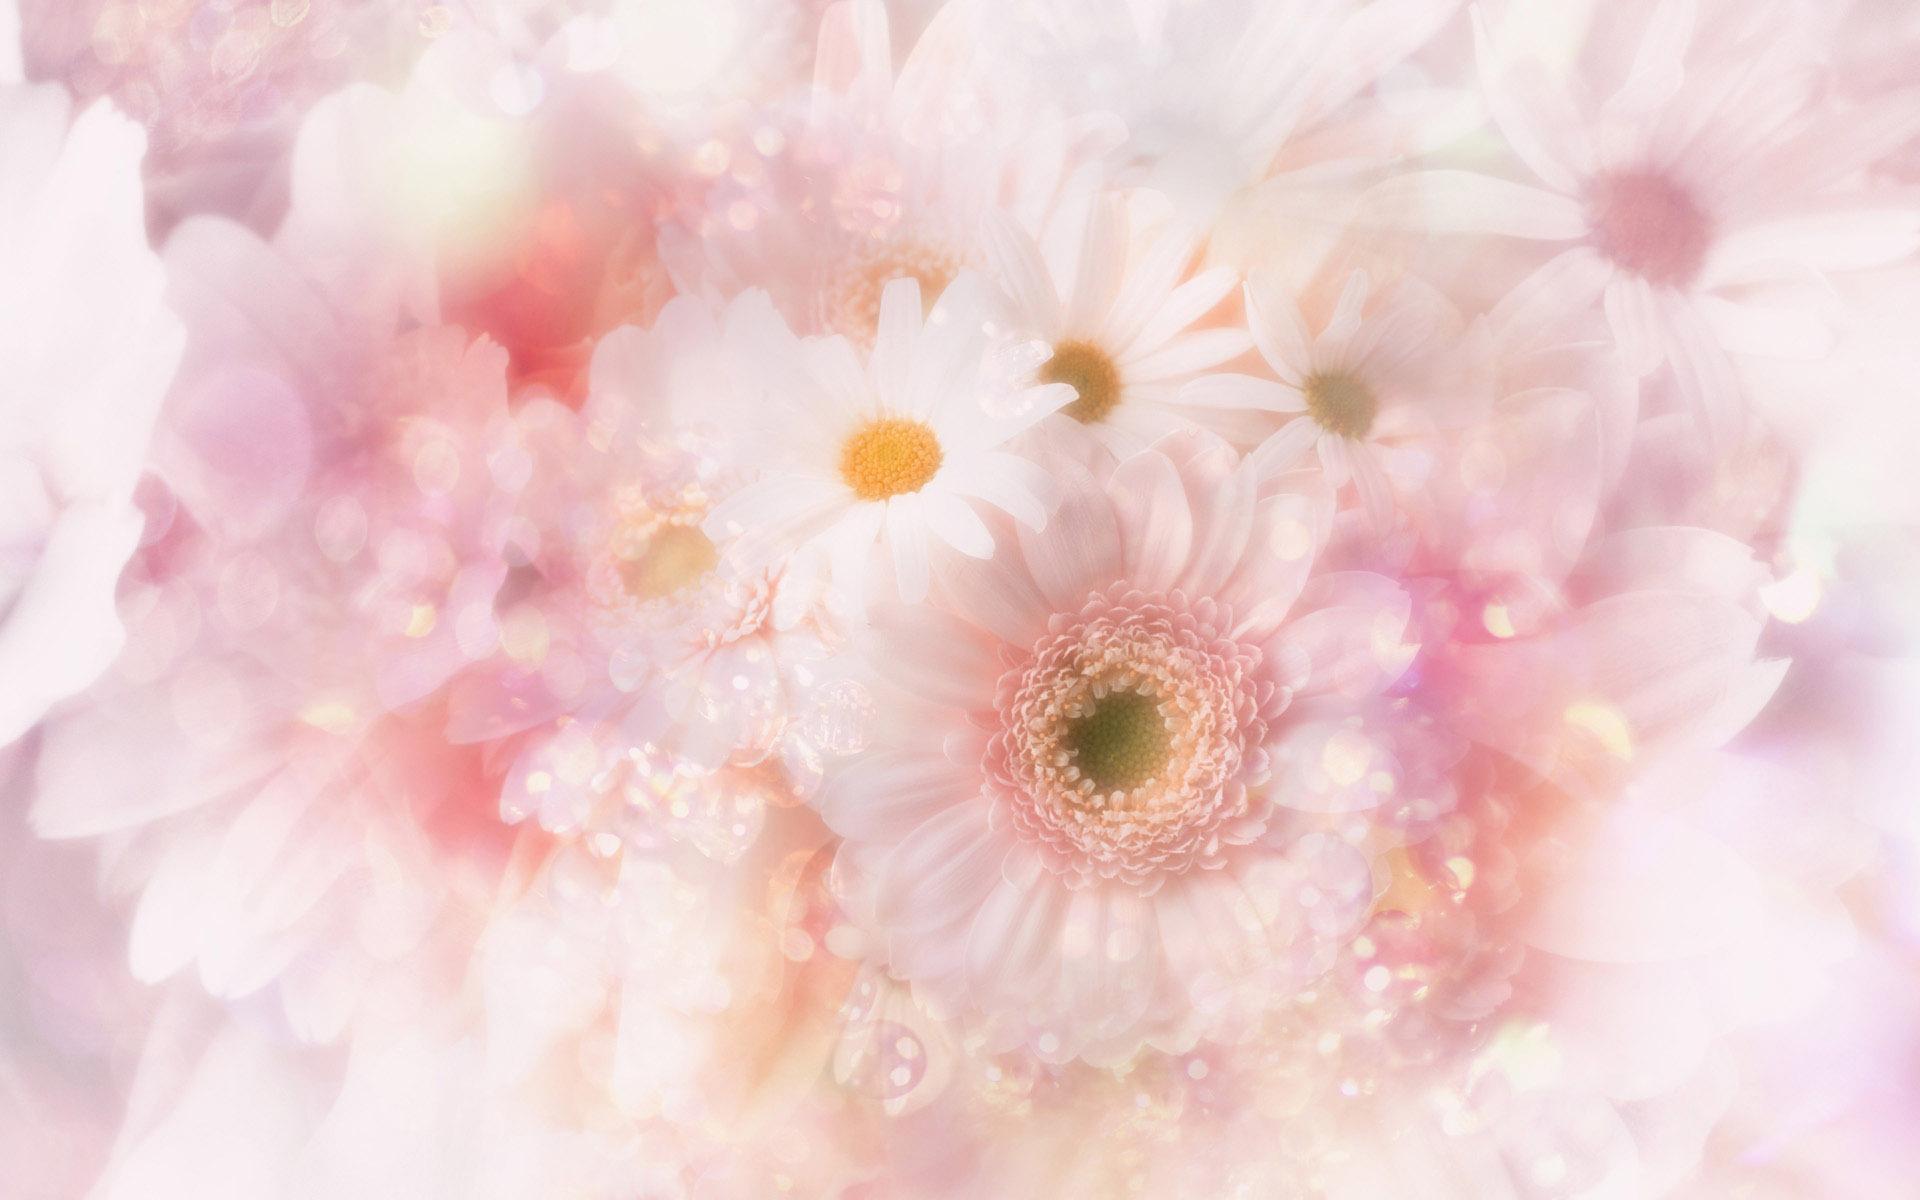 Картинки, картинка с днем рождения фон цветы